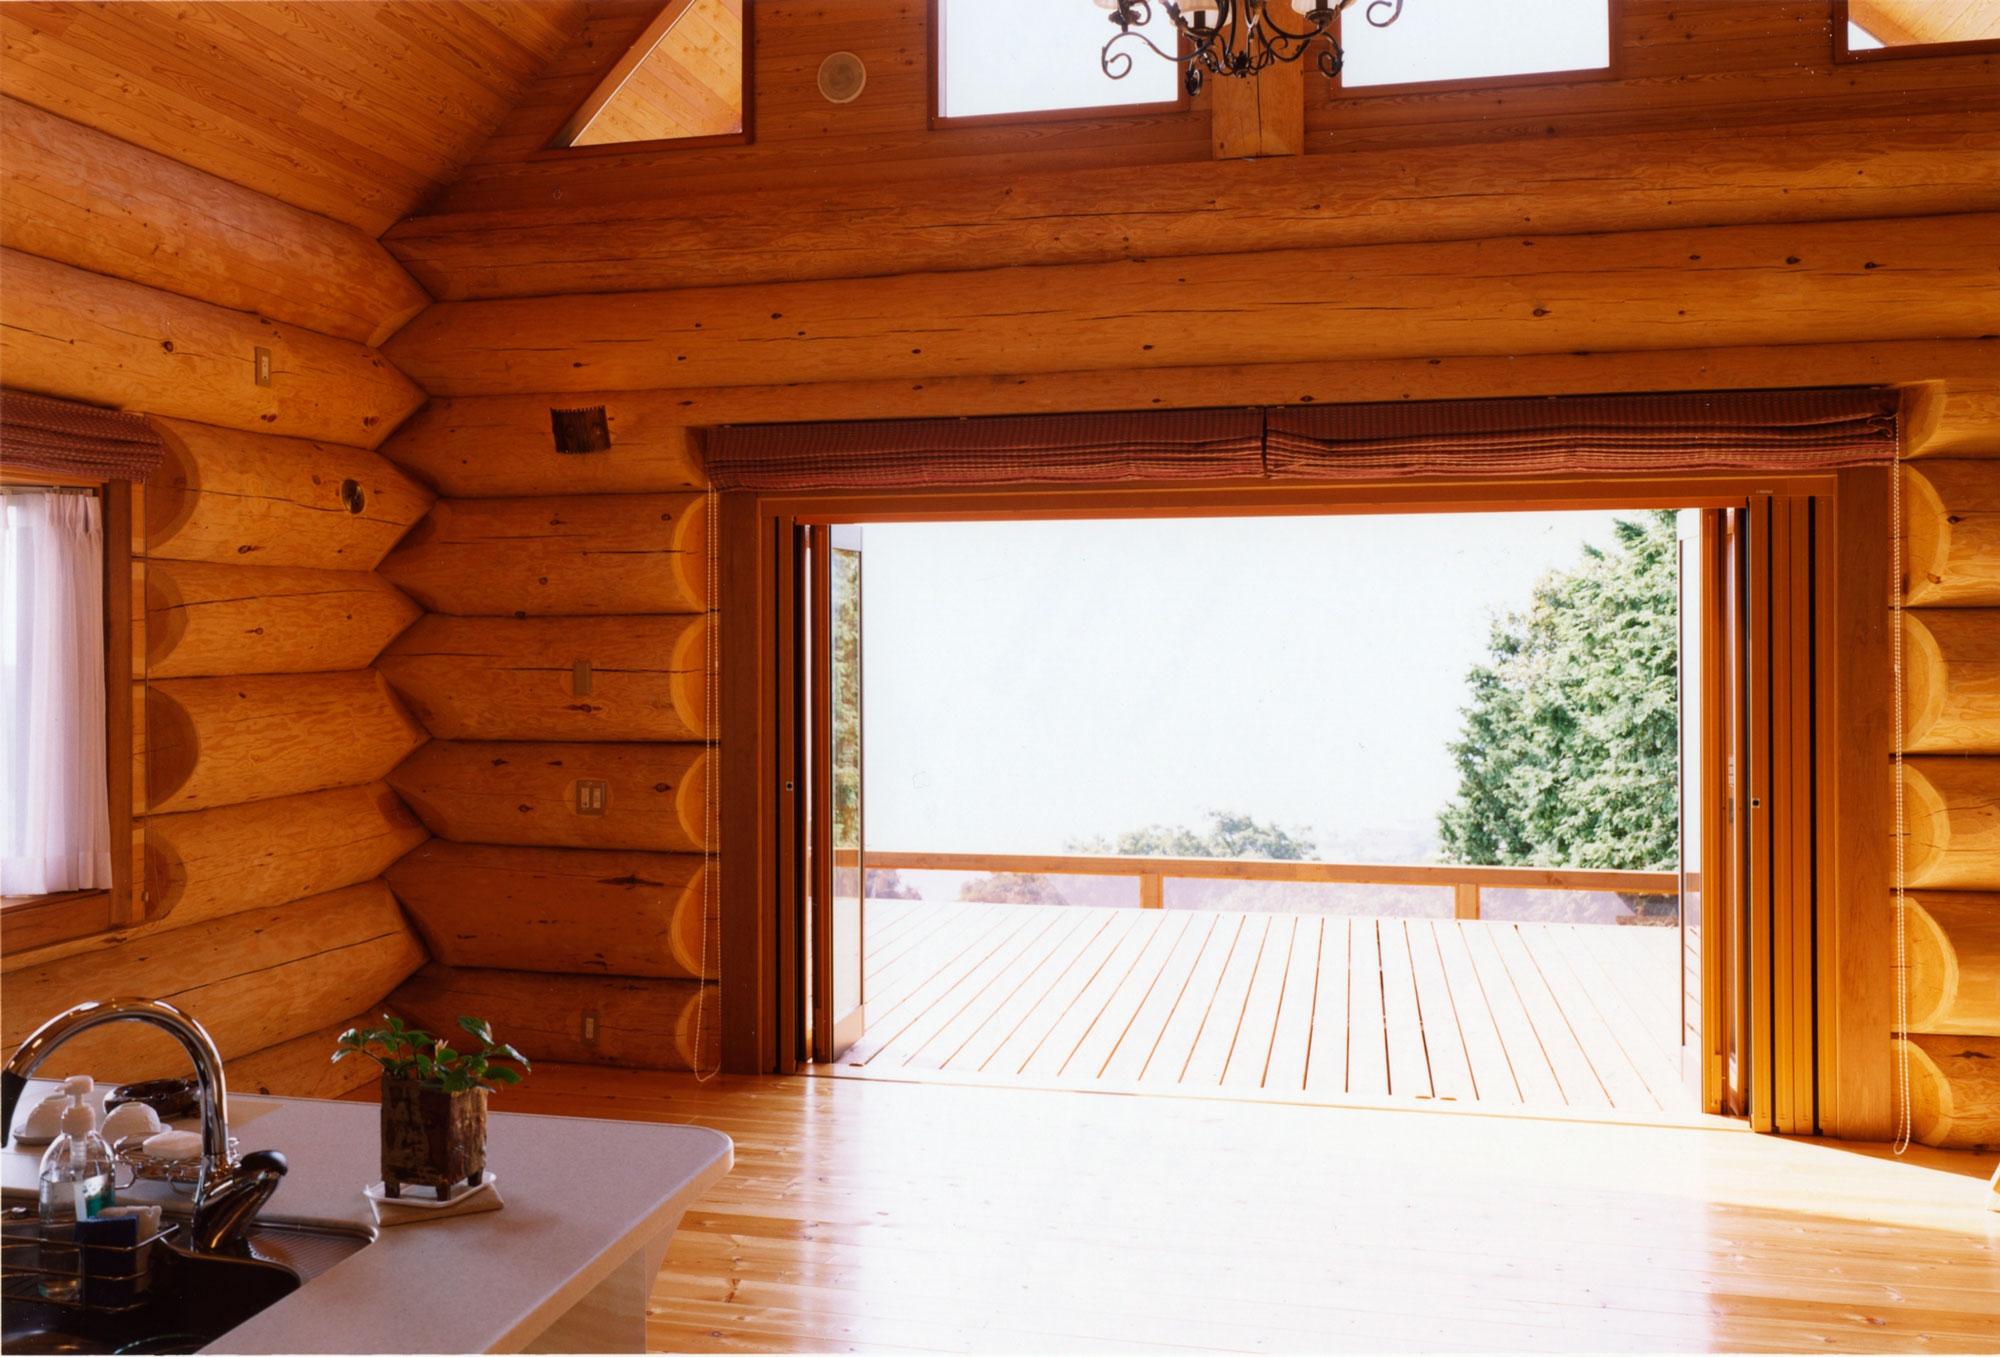 2007年度 「日本ログハウス・オブ・ザ・イヤー 住宅別荘部門ハンドカット優秀賞」 受賞 神奈川県 K邸